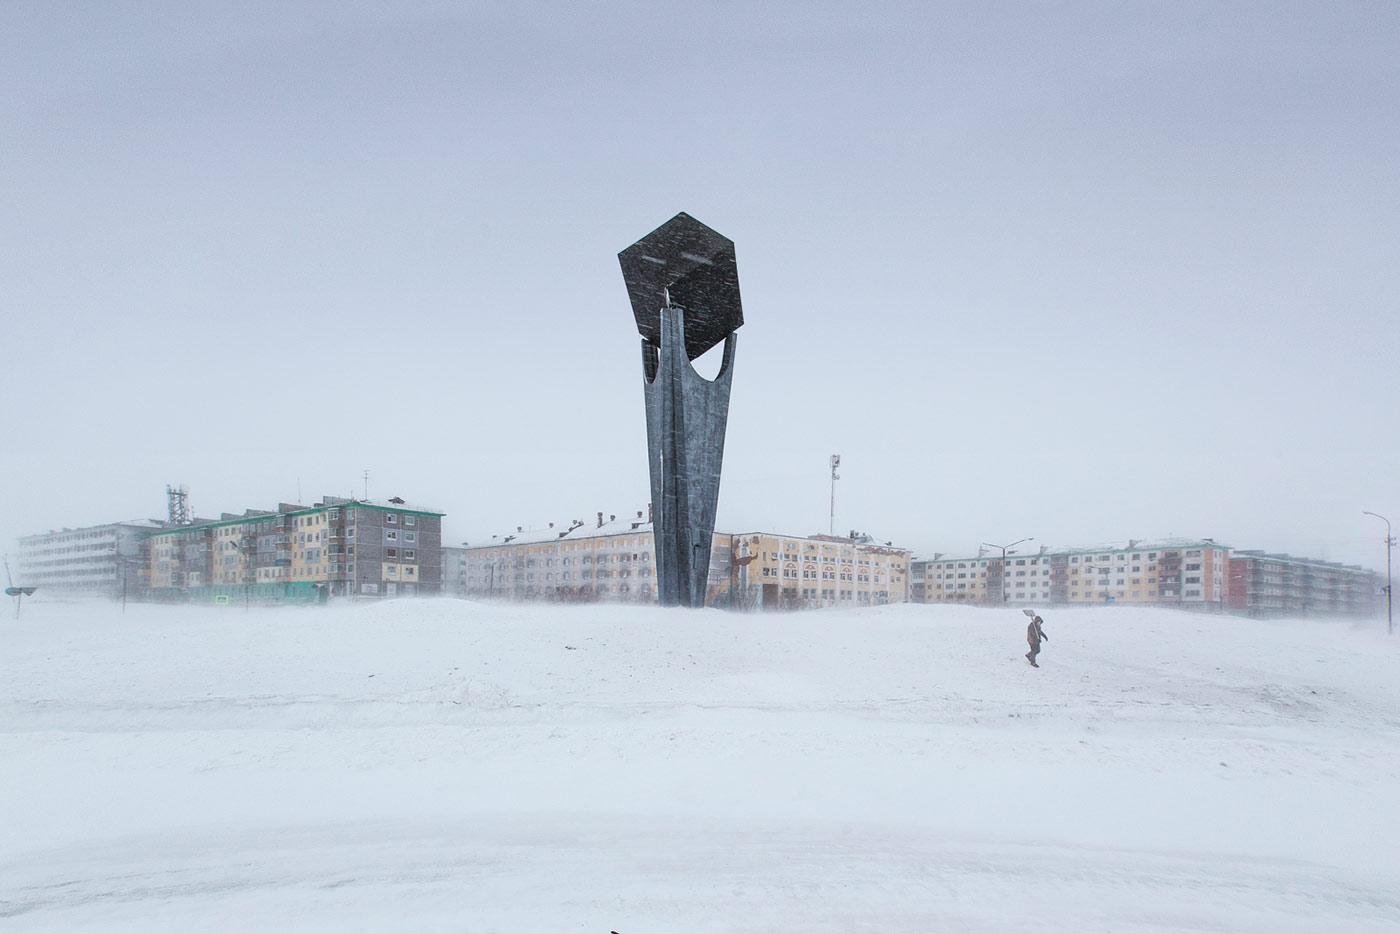 'Coal' monument in Vorgashor settlement, Vorkuta